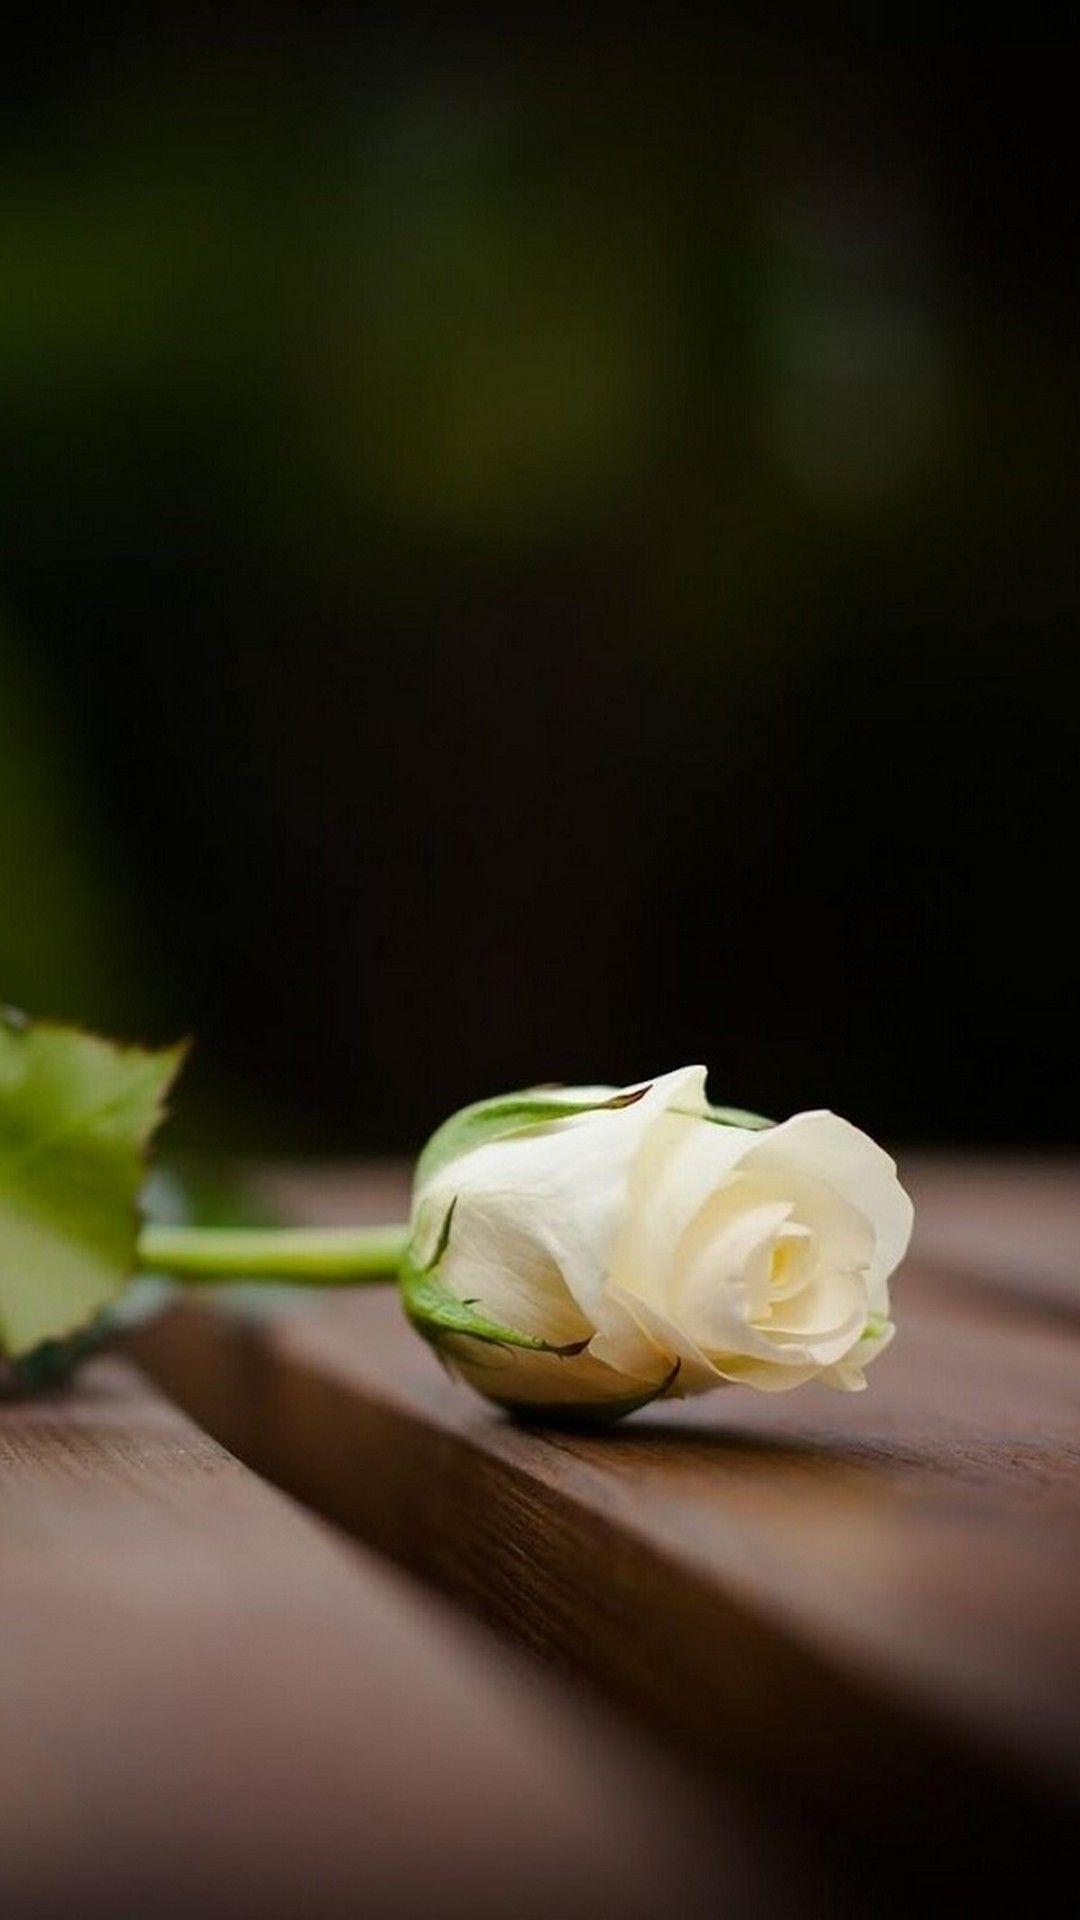 White Flower Mobile Wallpaper Hd Best Hd Wallpapers White Roses Wallpaper Rose Flower Wallpaper Beautiful Flowers Wallpapers